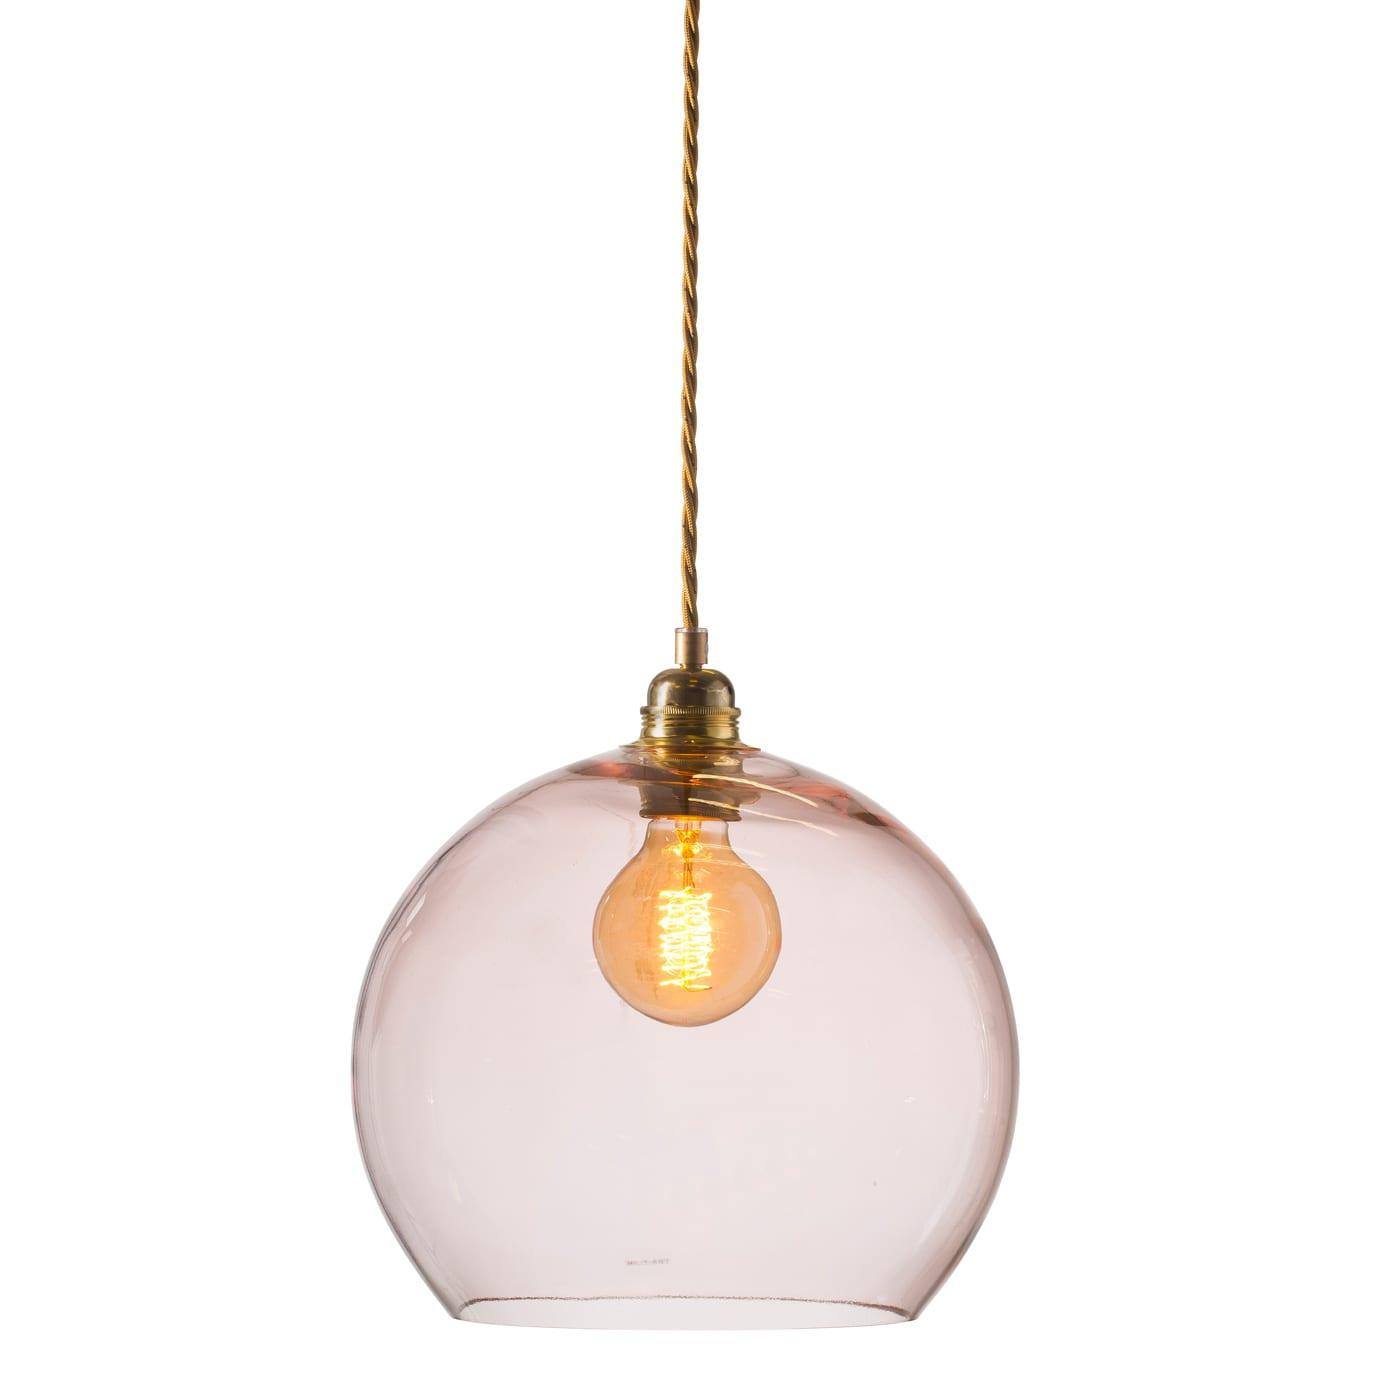 Rowan pendant lamp, bright coral, 28cm 1